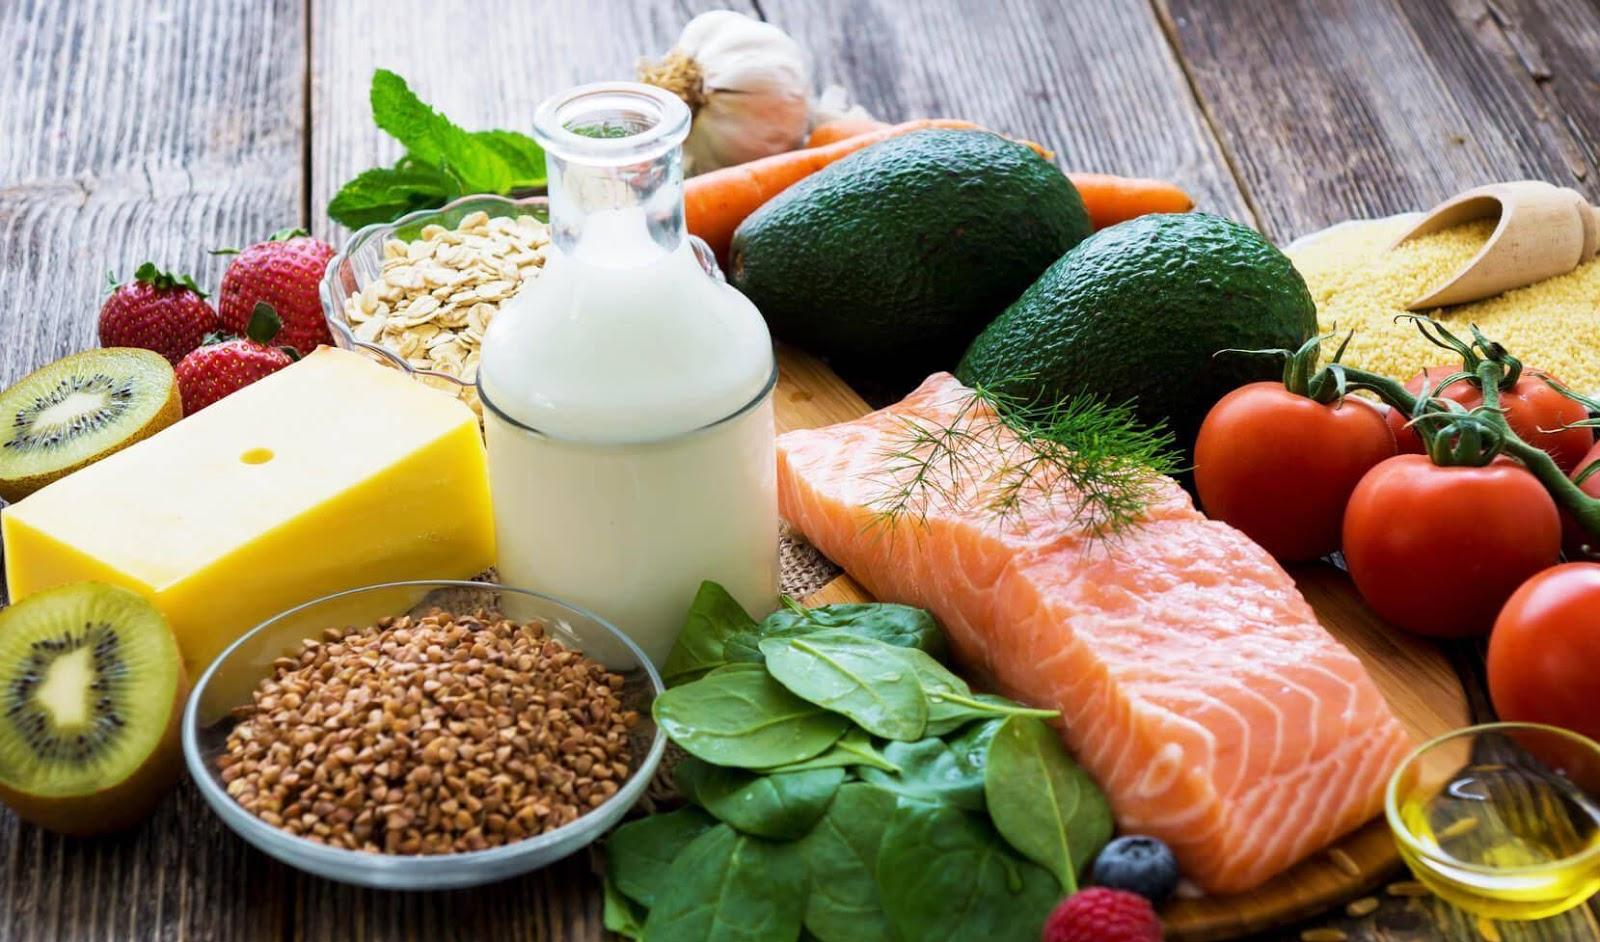 Что Хорошо Есть Зимой При Похудении. Правильное питание в холодное время года — залог здоровья